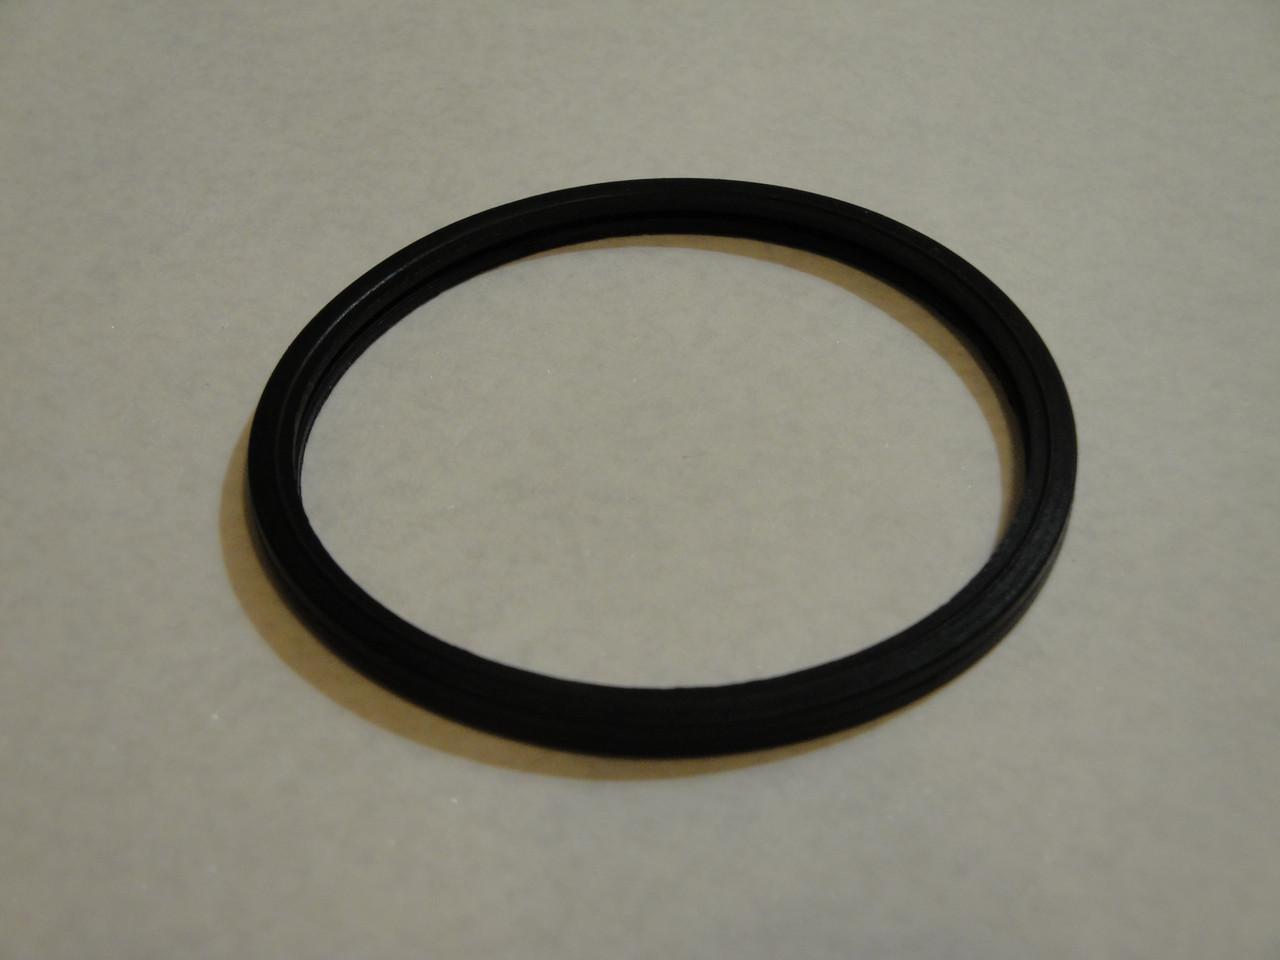 Кольцо уплотнительное термостата БОГДАН A091/A092 (ISUZU 4HG1/4HG1T) (8972318480/8973007930/8970286691) JAPACO